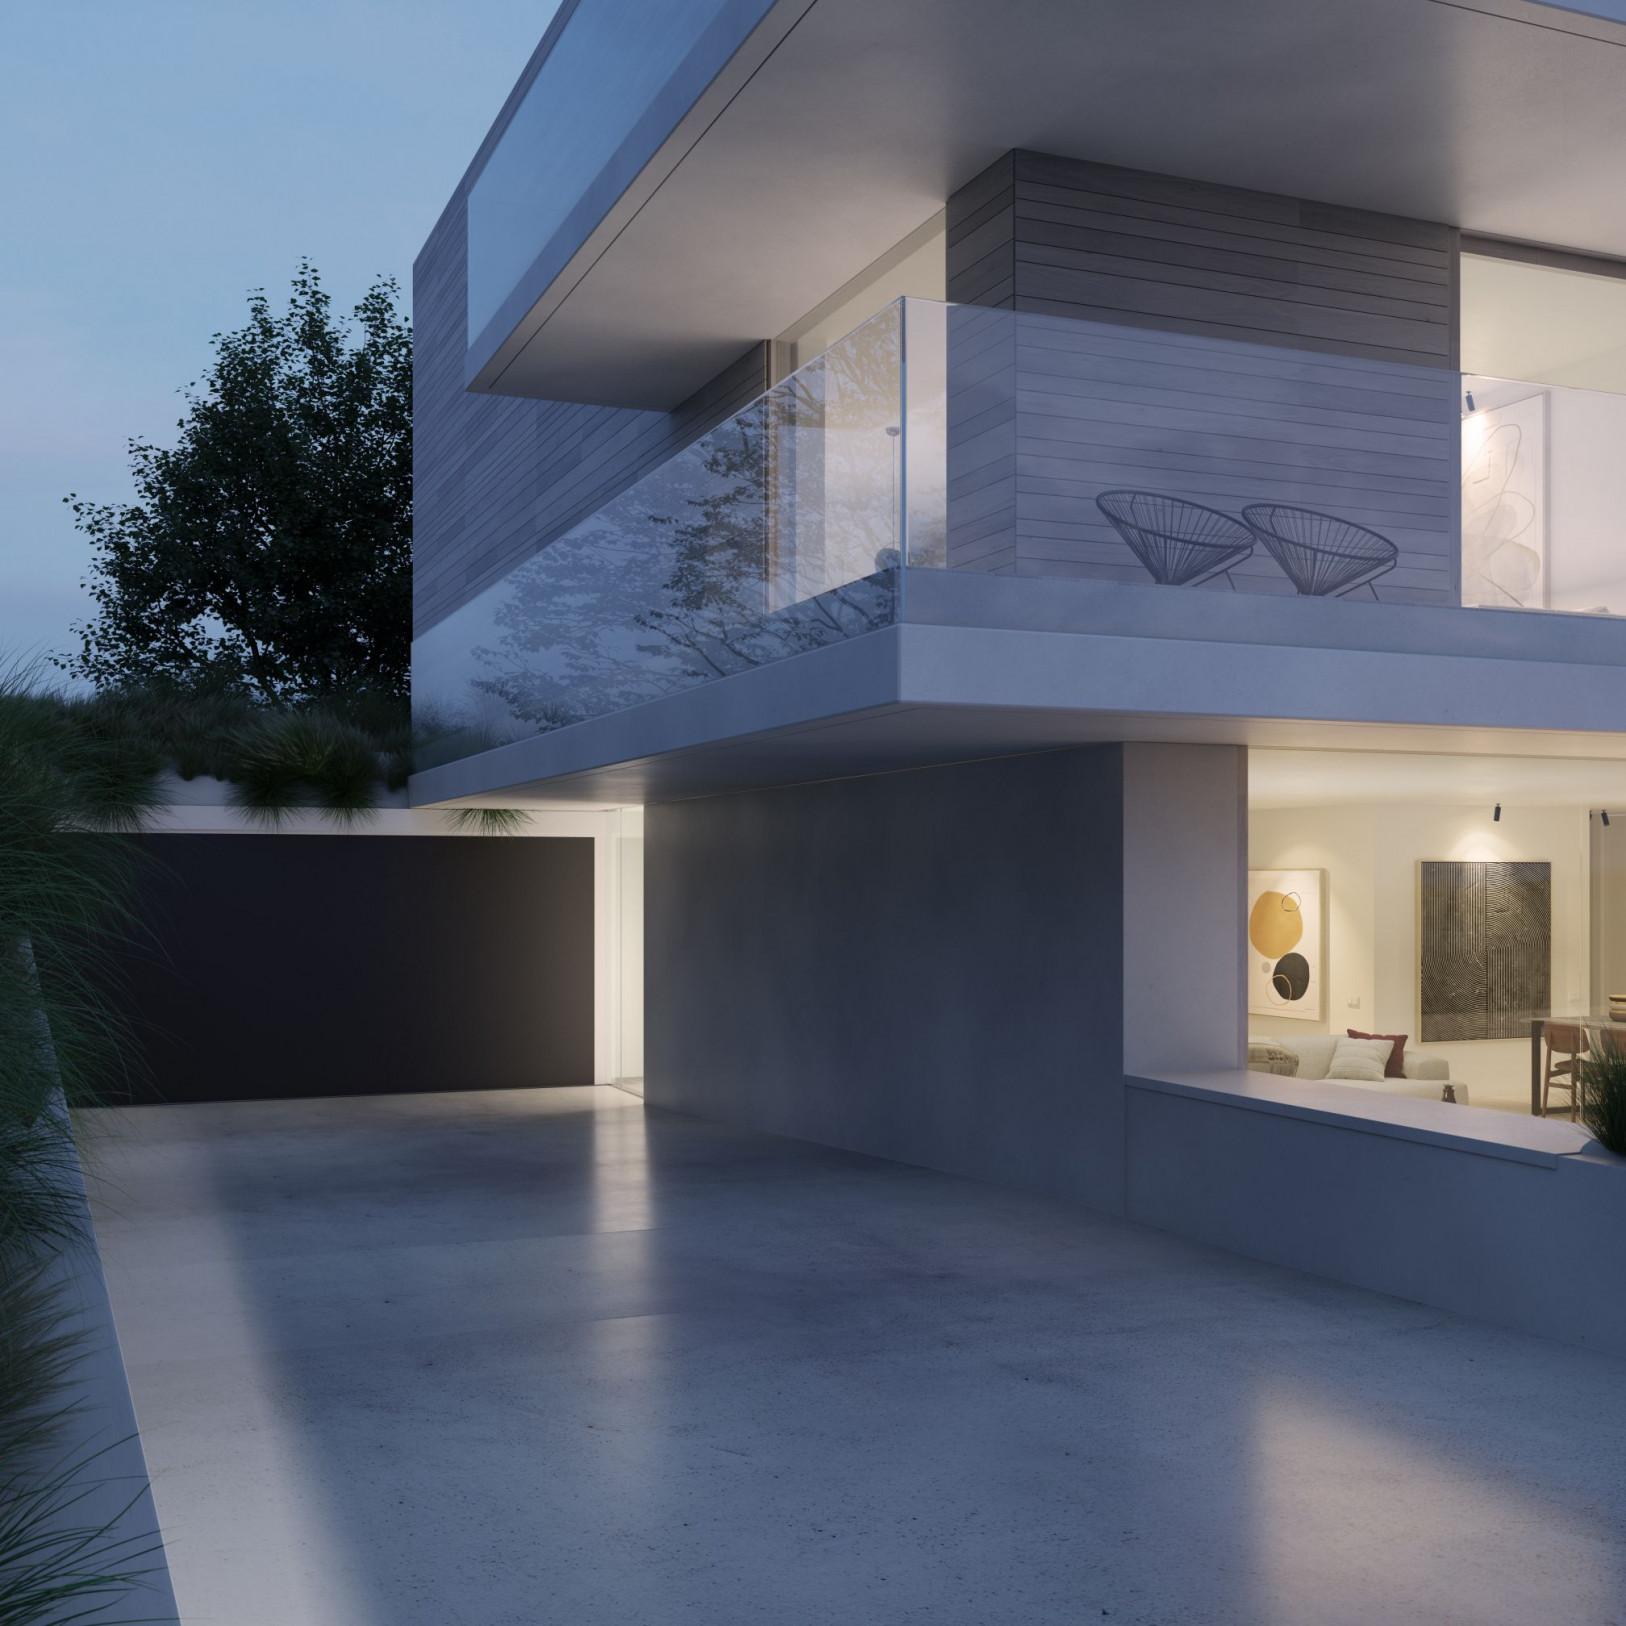 Rietveldprojects - Hannes Meyer - Oostduinkerke 14